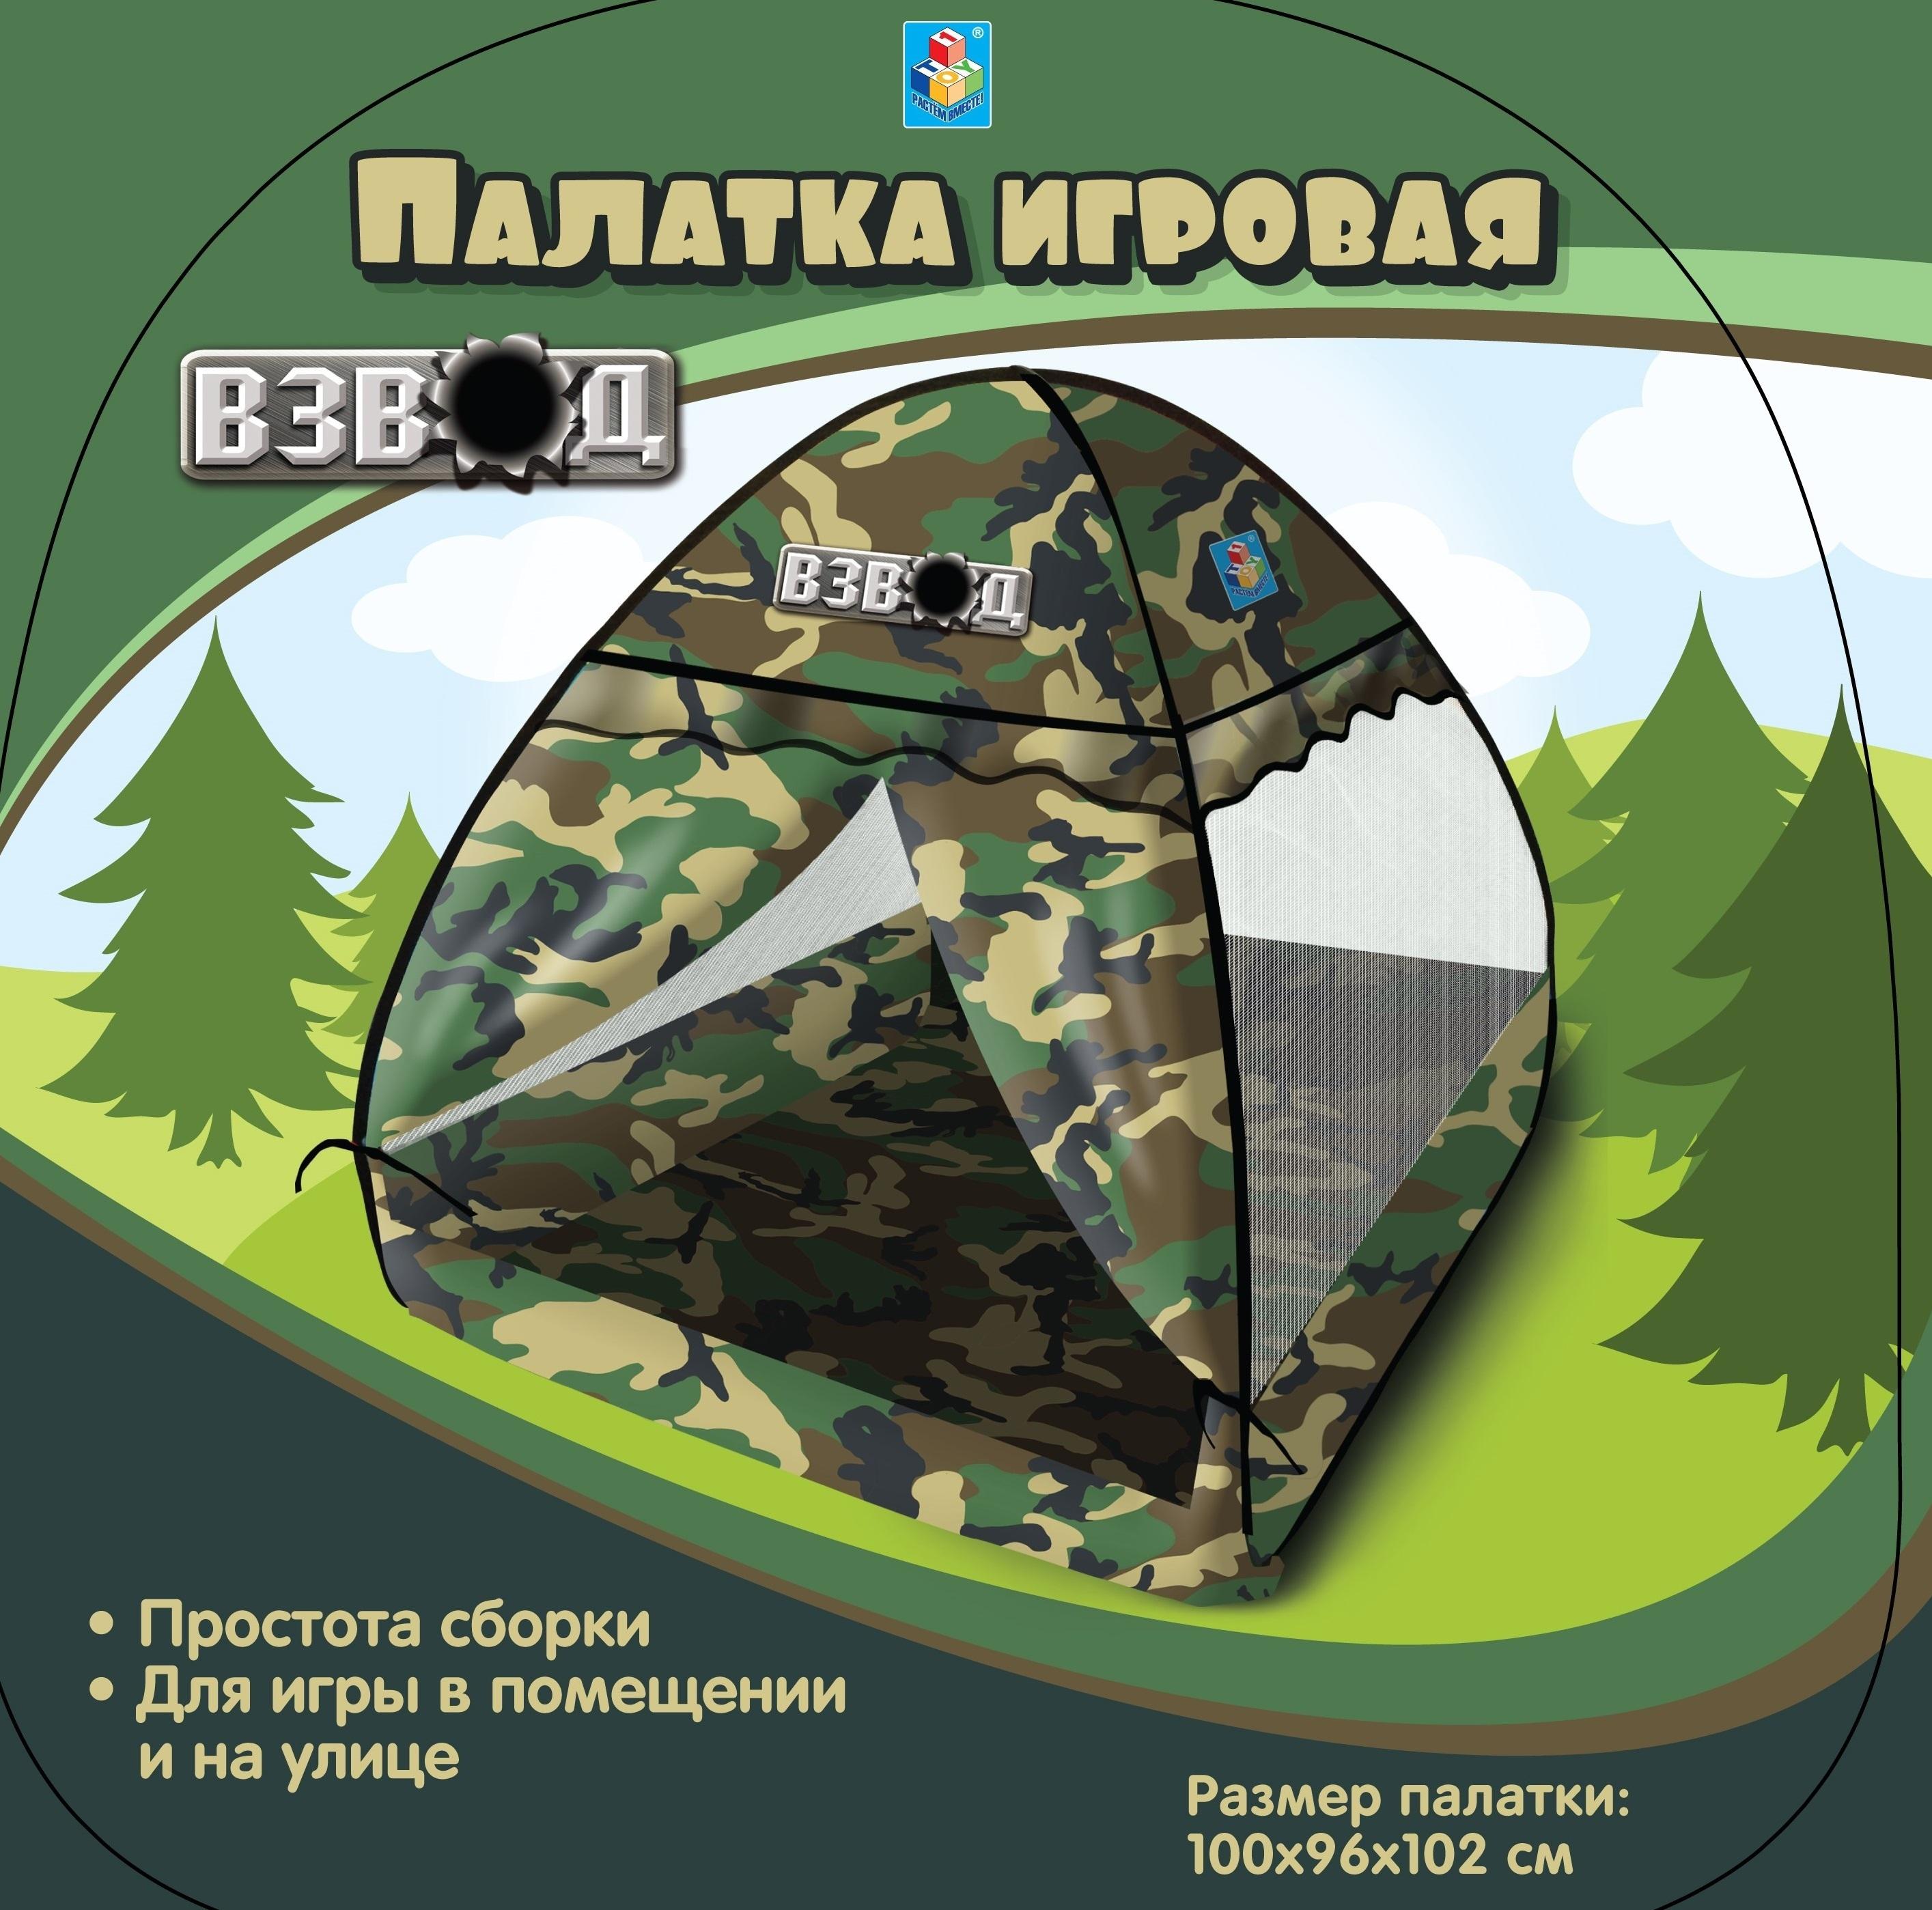 Детские игровые домики и палатки 1toy домик 1toy детская игровая палатка красотка цвет желтый голубой